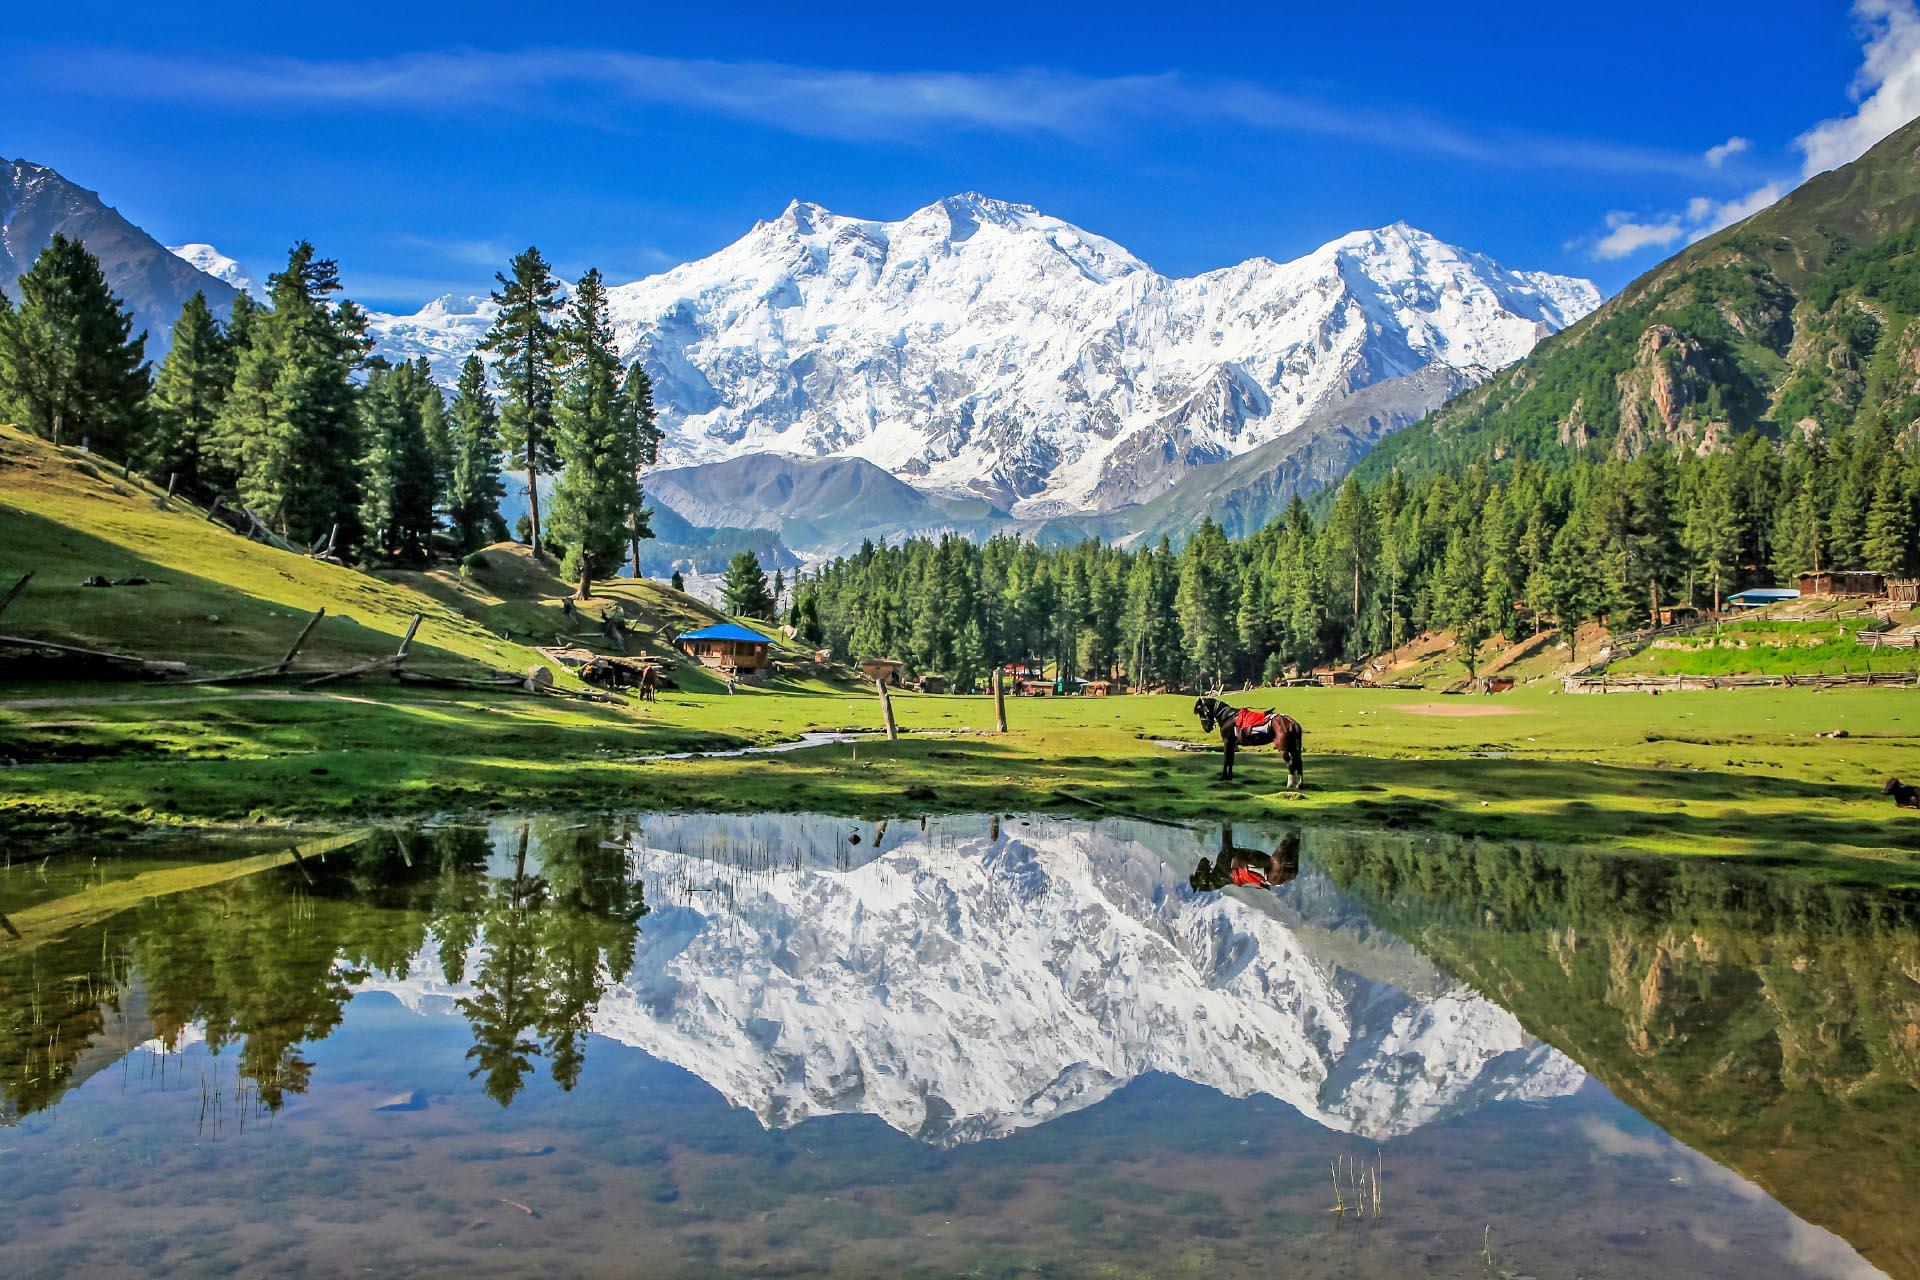 フェアリーメドウズの風景 パキスタンの風景